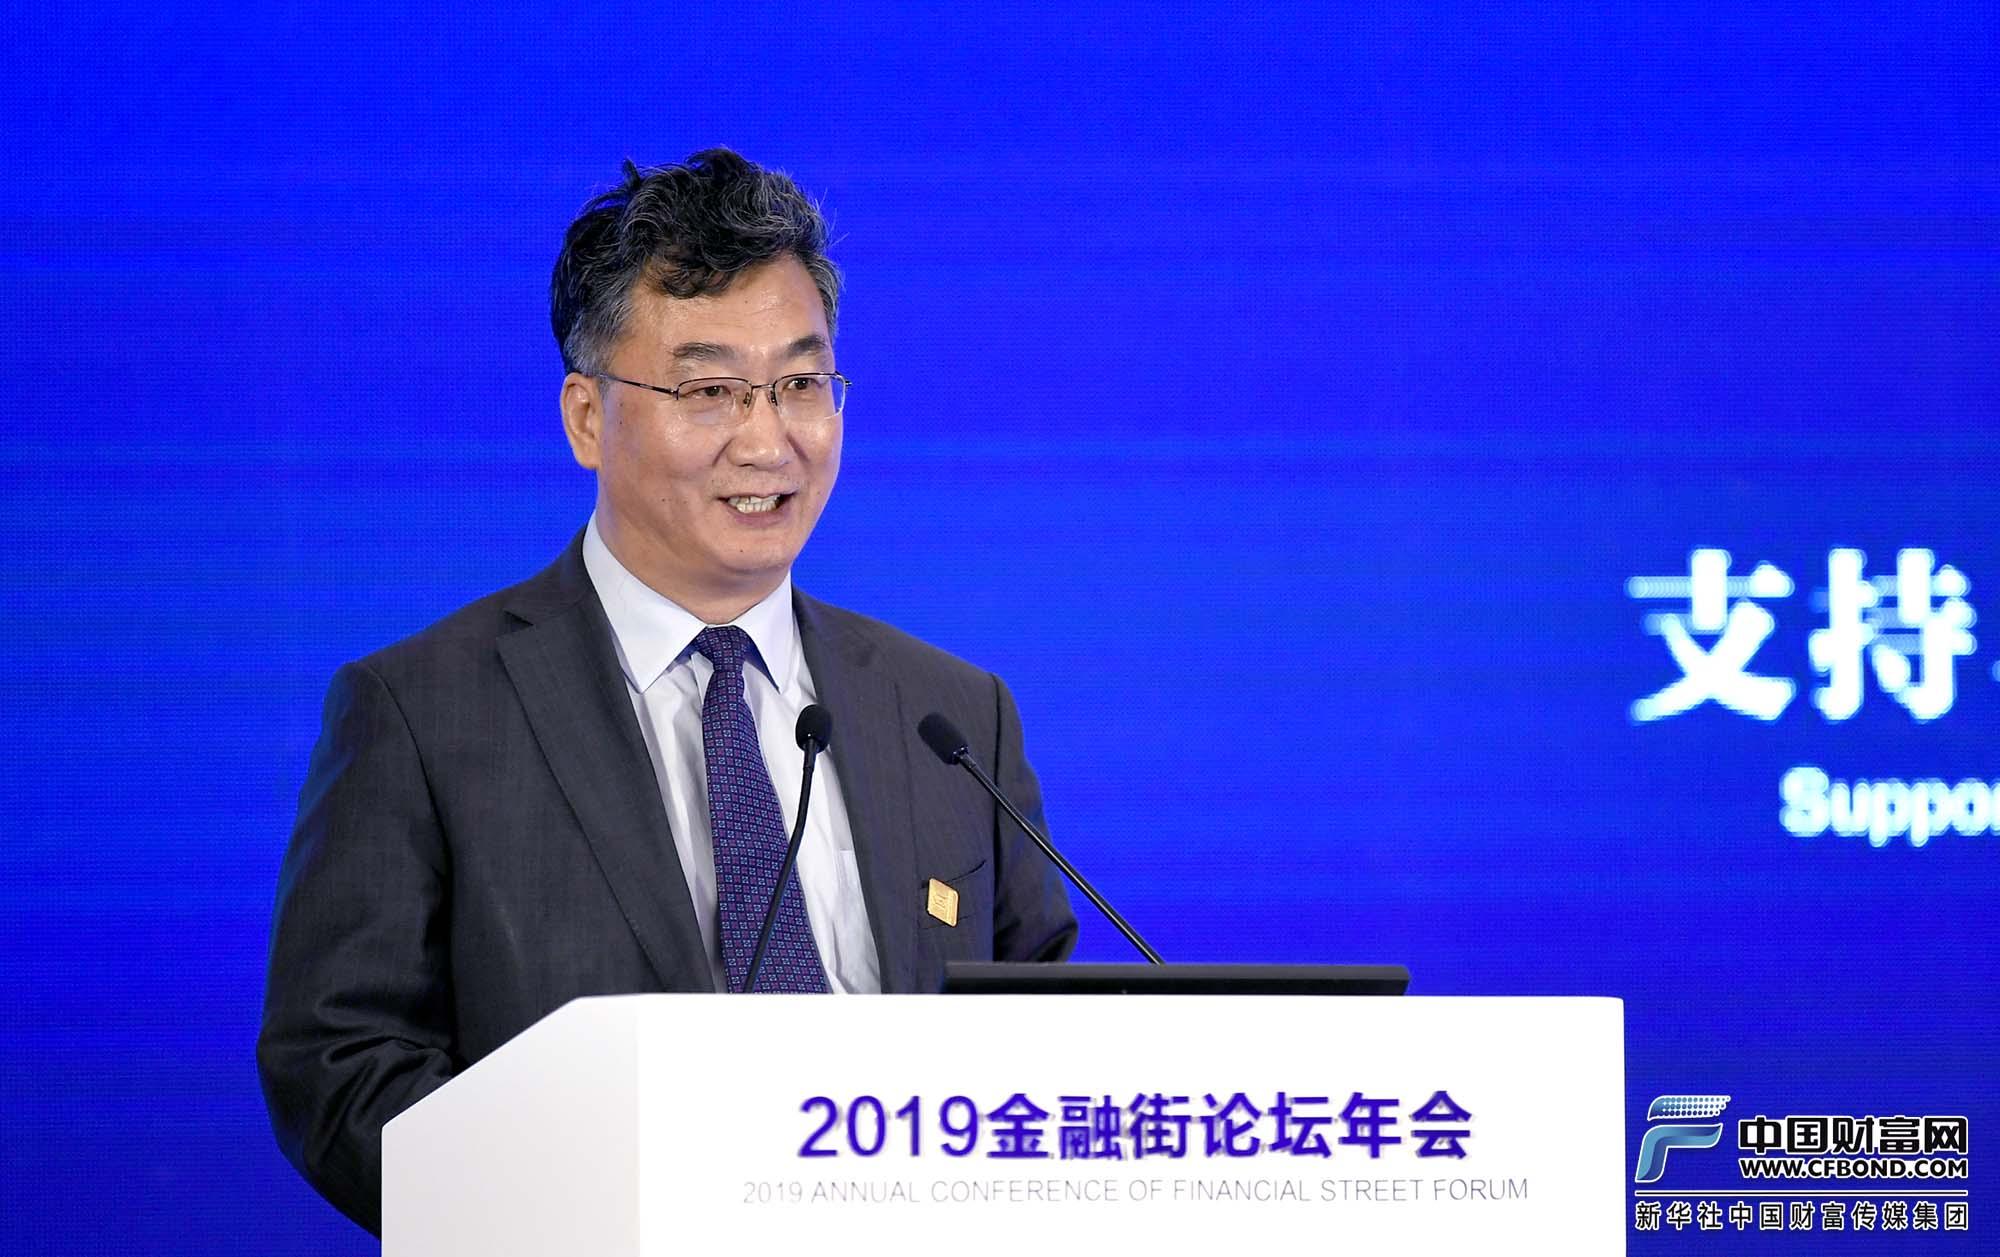 北京市地方金融监管局局长霍学文致辞